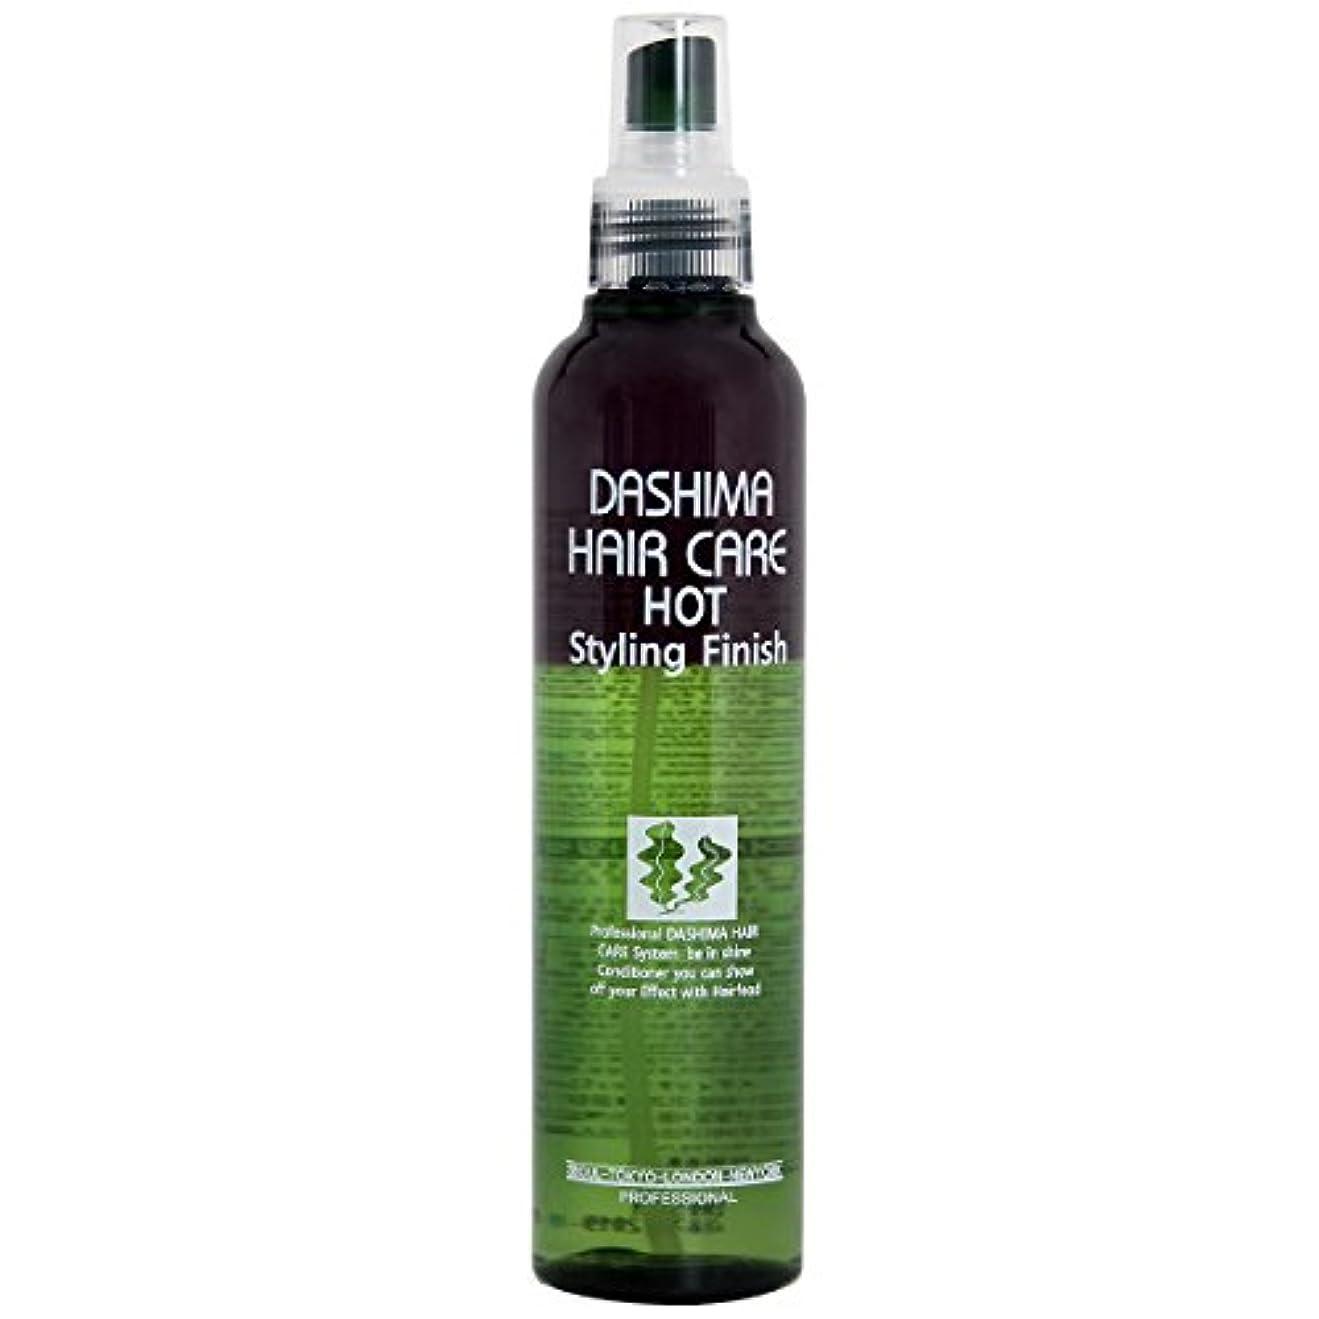 ほとんどの場合絶滅銛ダシマヘアケアハッスタイルリングピニスィ250ml(DASHIMA HAIR CARE Hot Styling Finish 250ml)